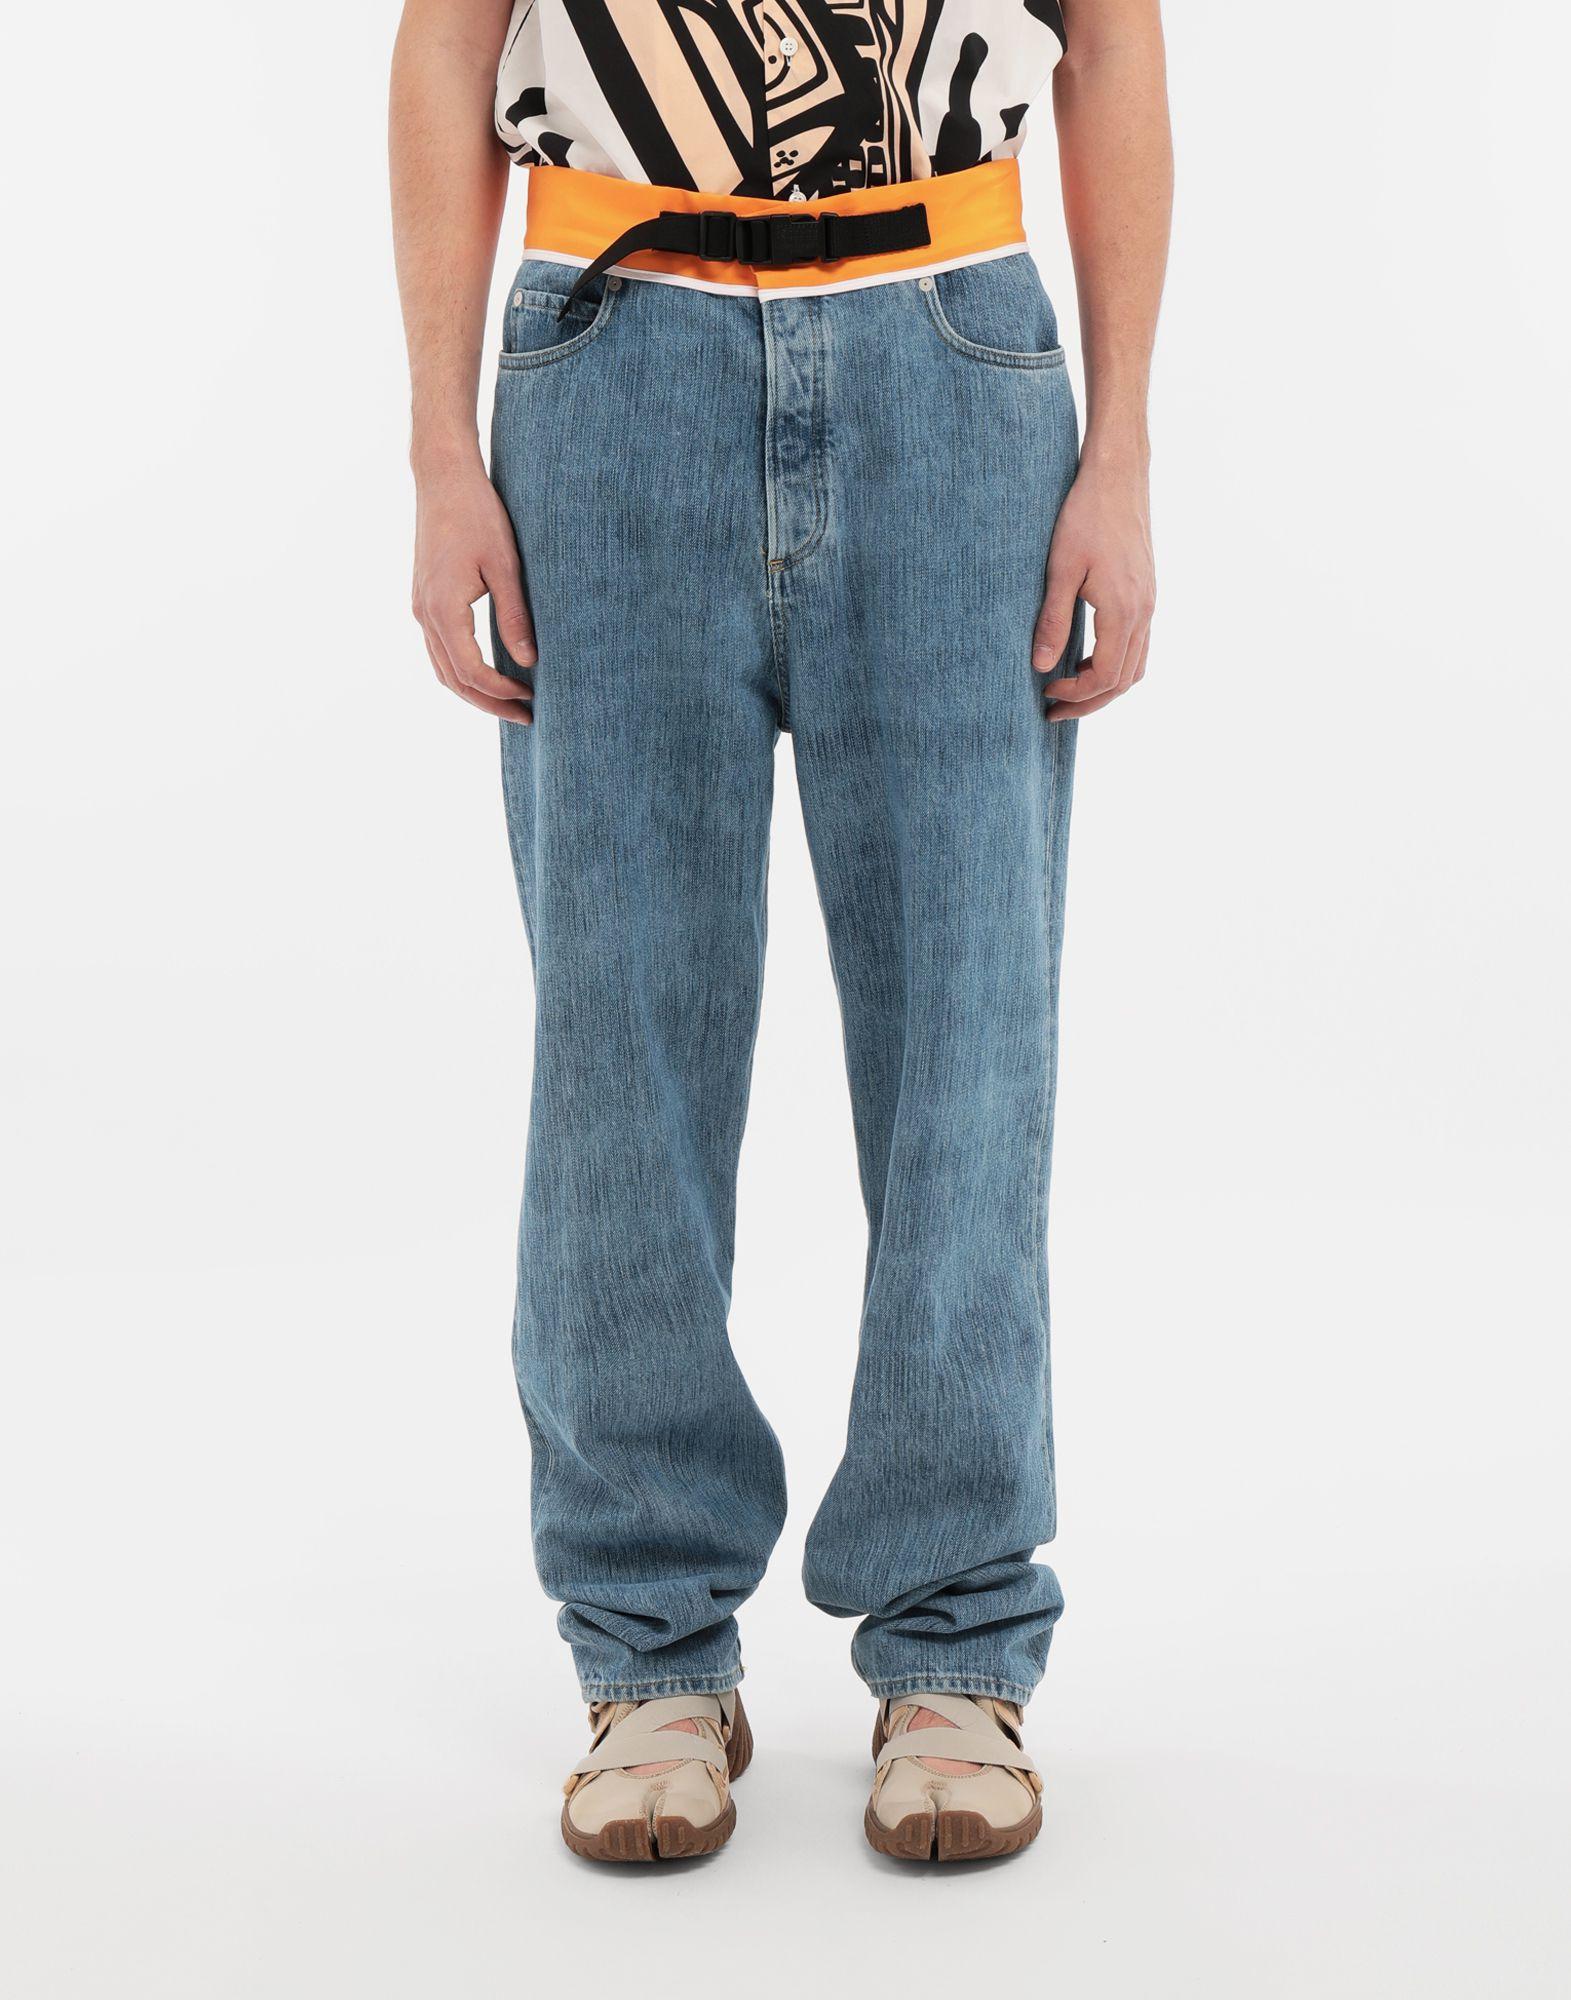 MAISON MARGIELA Spliced denim pants Jeans Man r